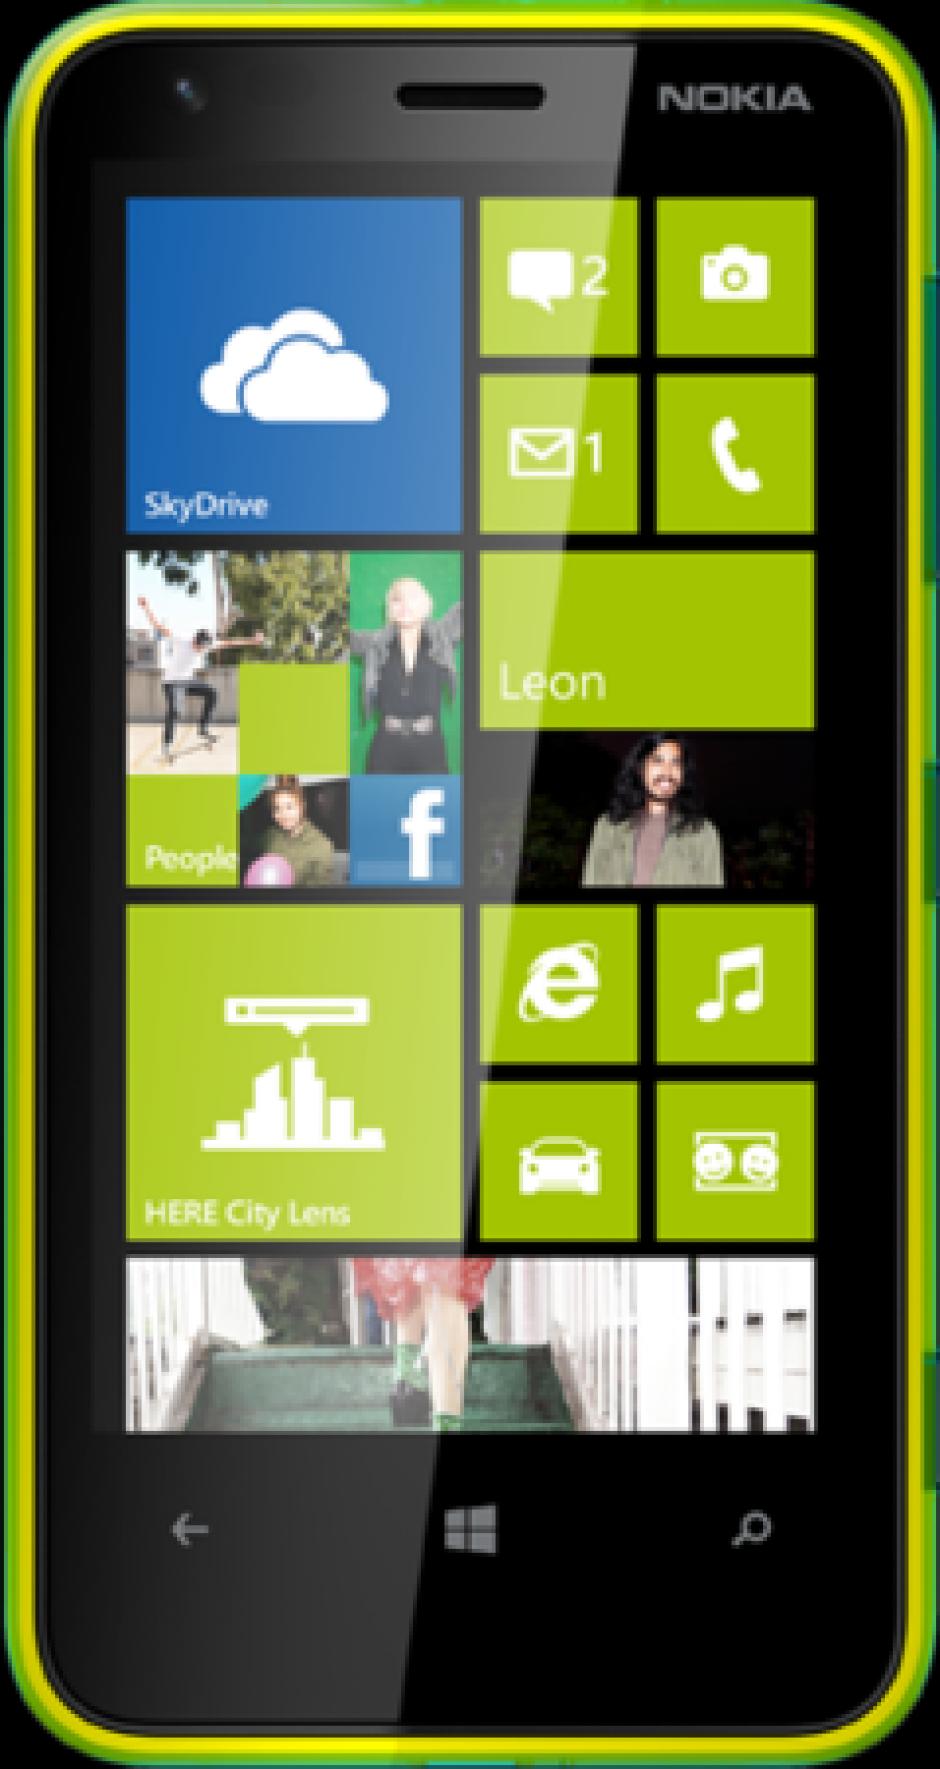 El Smartphone Nokia Lumia 620 con una cámara de 5 megapíxeles y una pantalla de 3,8 pulgadas. Trae integrado un procesador Qualcomm Snapdragon y tiene la capacidad de reproducir 61 horas de música. También puedes cambiarle la carcasas en 6 diferentes colores.